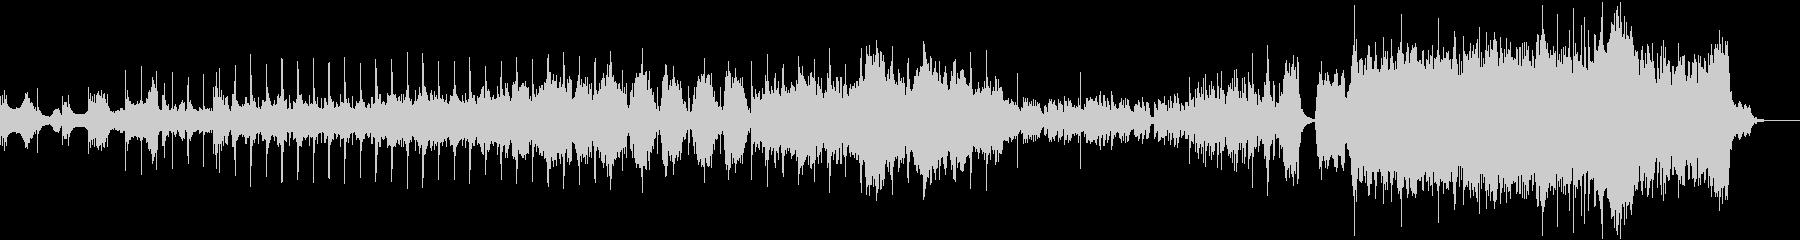 6部構成の和風オーケストラの未再生の波形